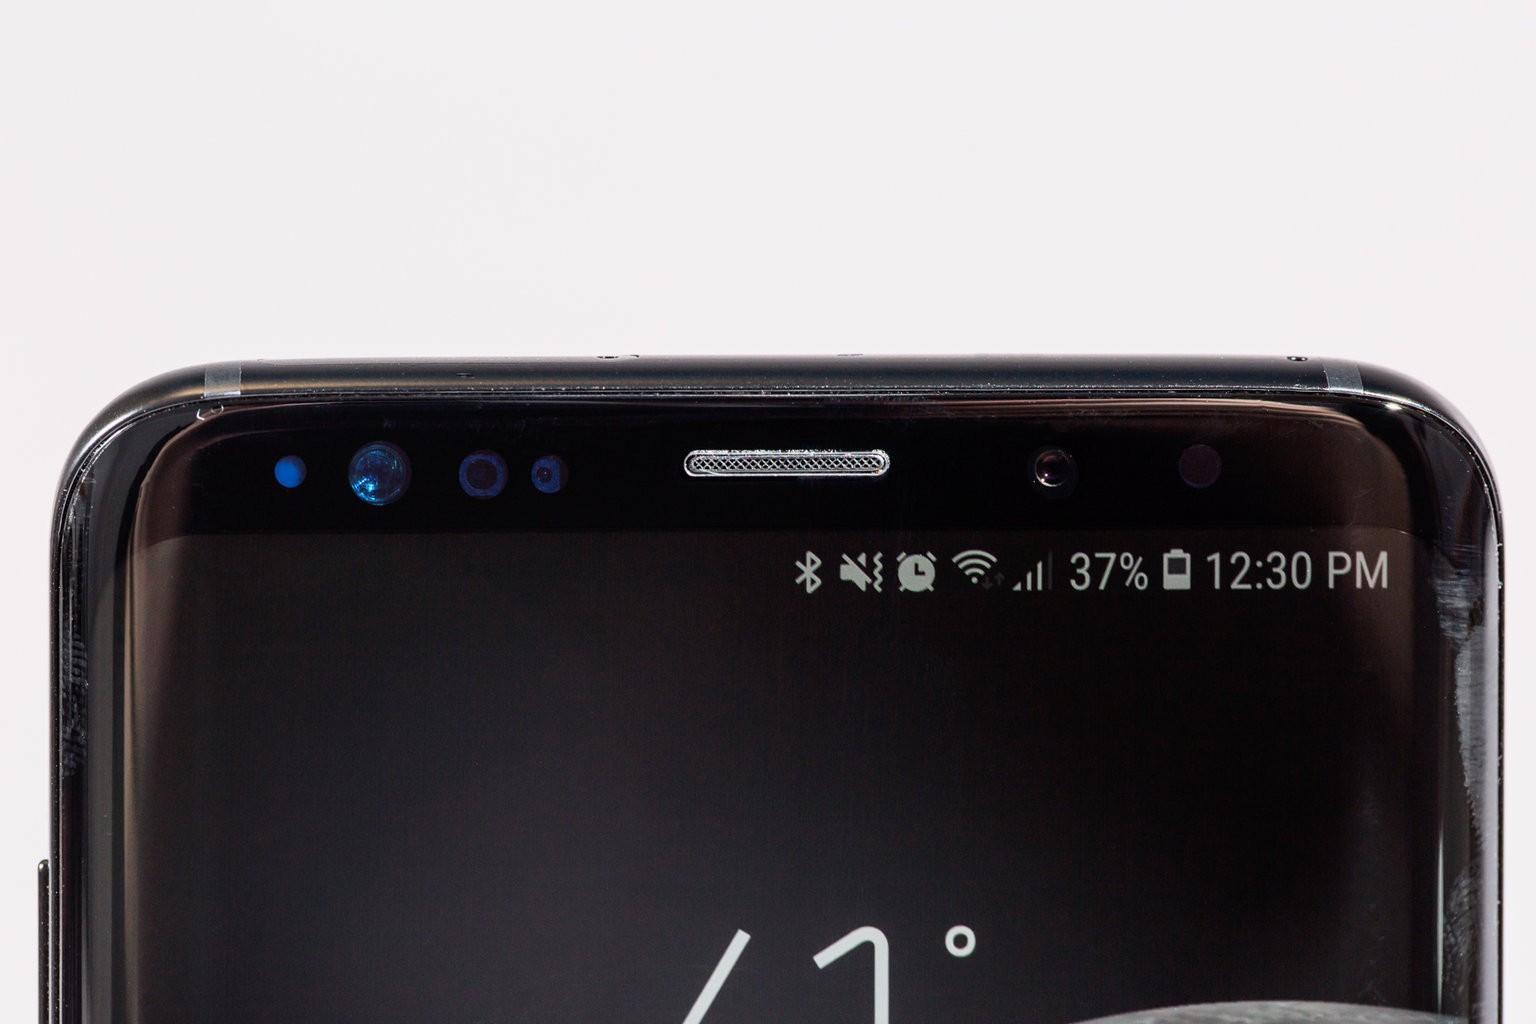 8 lý do để xúc ngay Galaxy S9 thay vì Note 8 nếu còn đang phân vân - Ảnh 2.